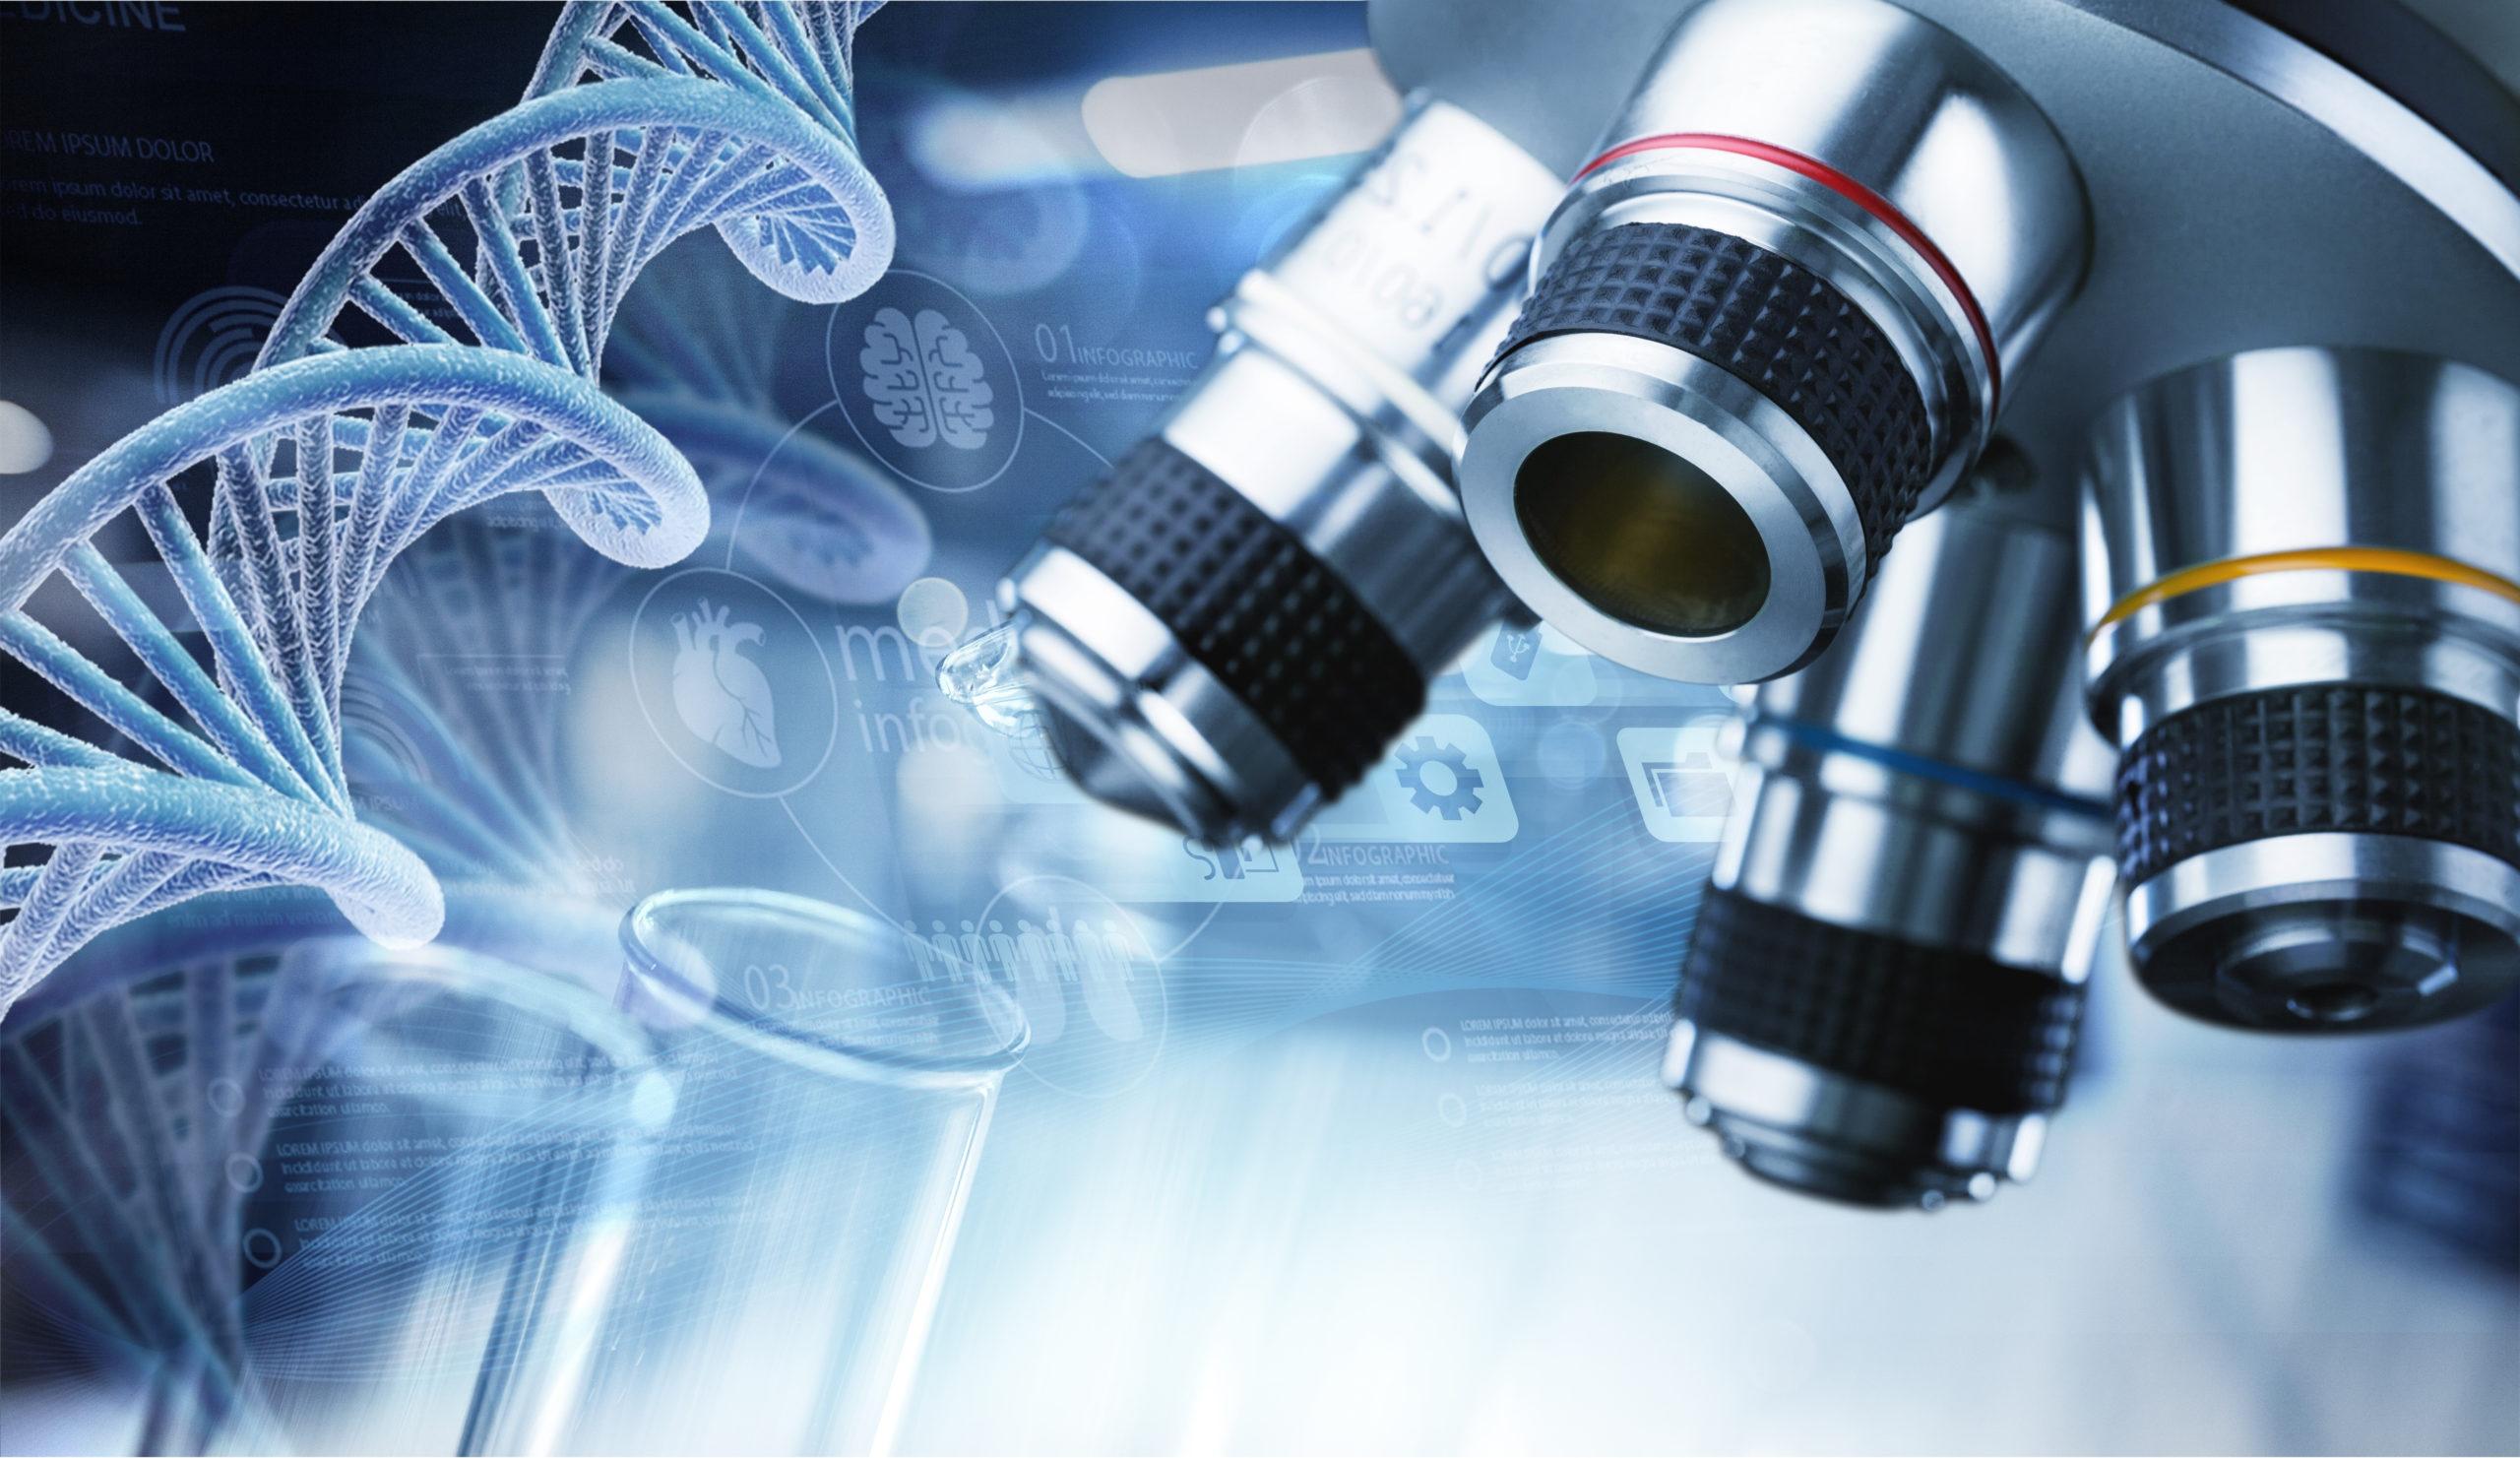 BIOPHARMACEUTICALS: THE FUTURE OF MEDICINE